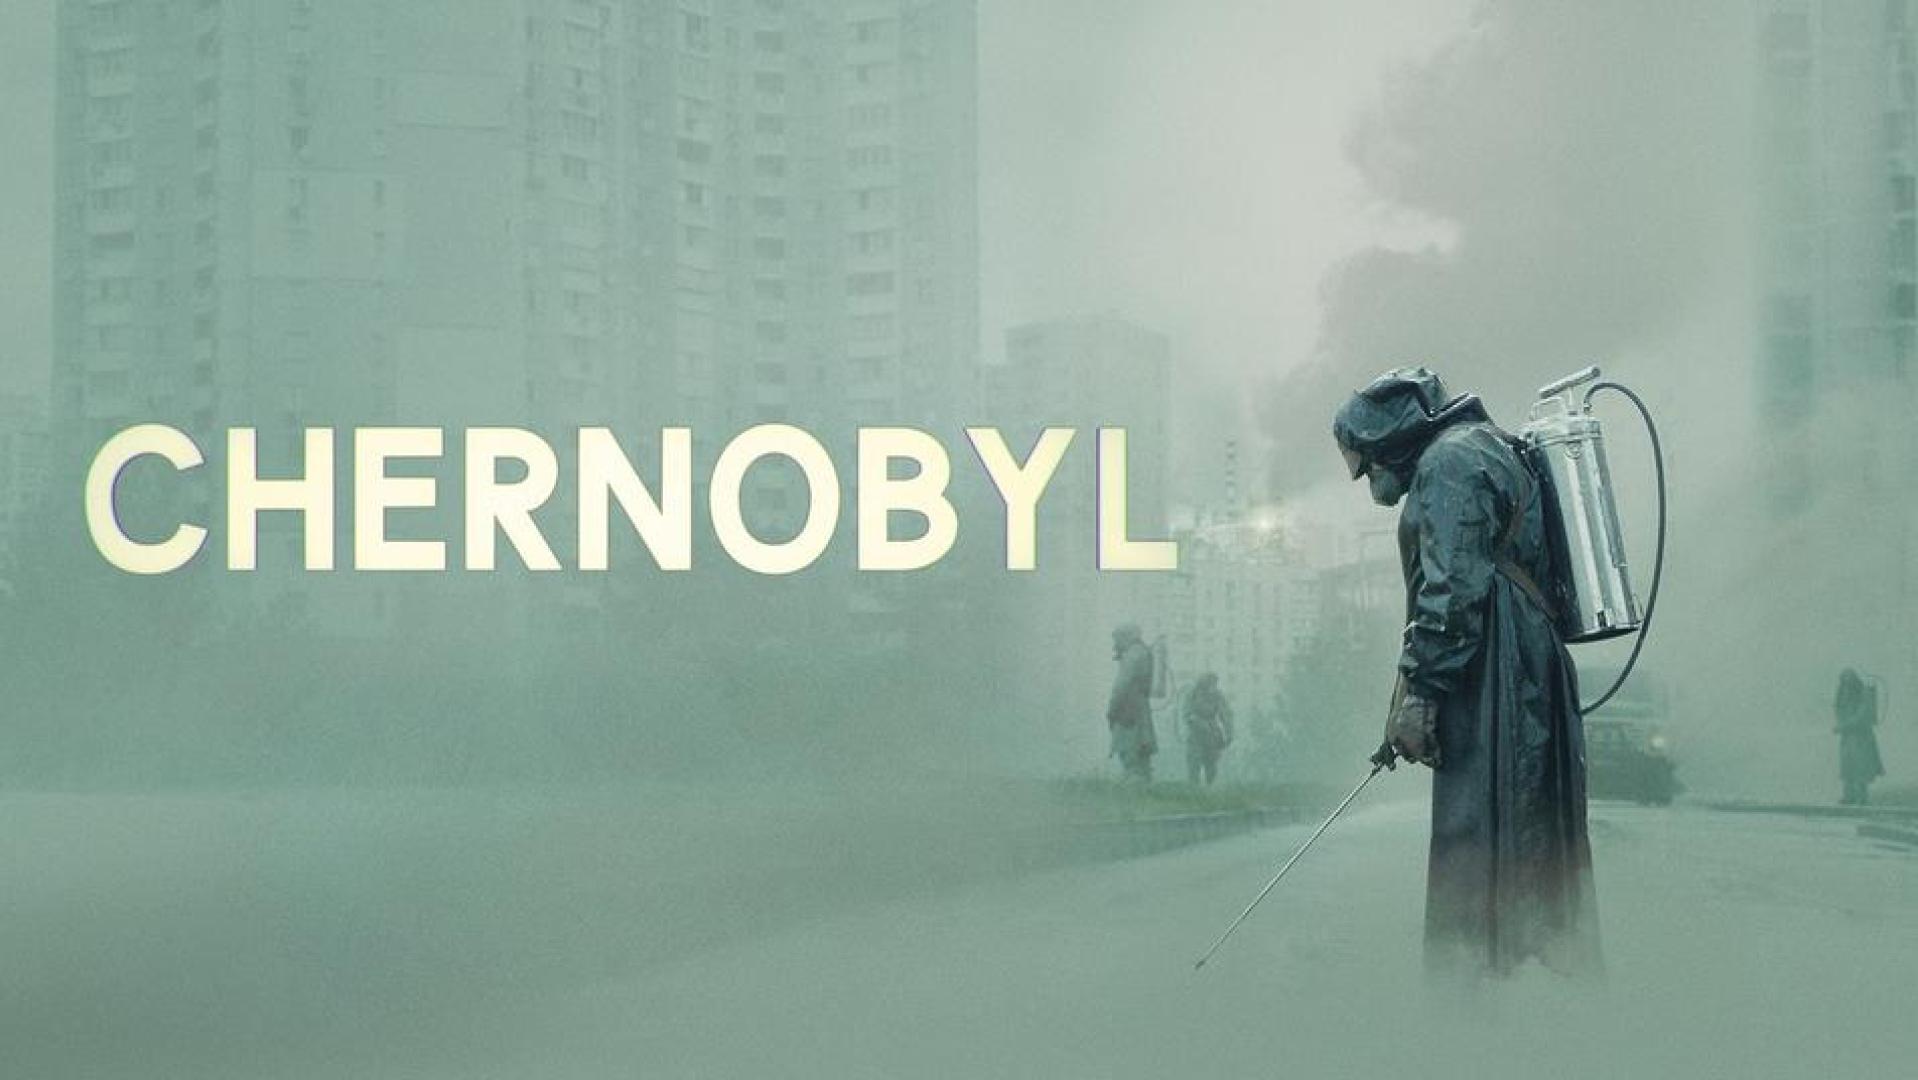 Chernobyl - Csernobil (2019) évadértékelő